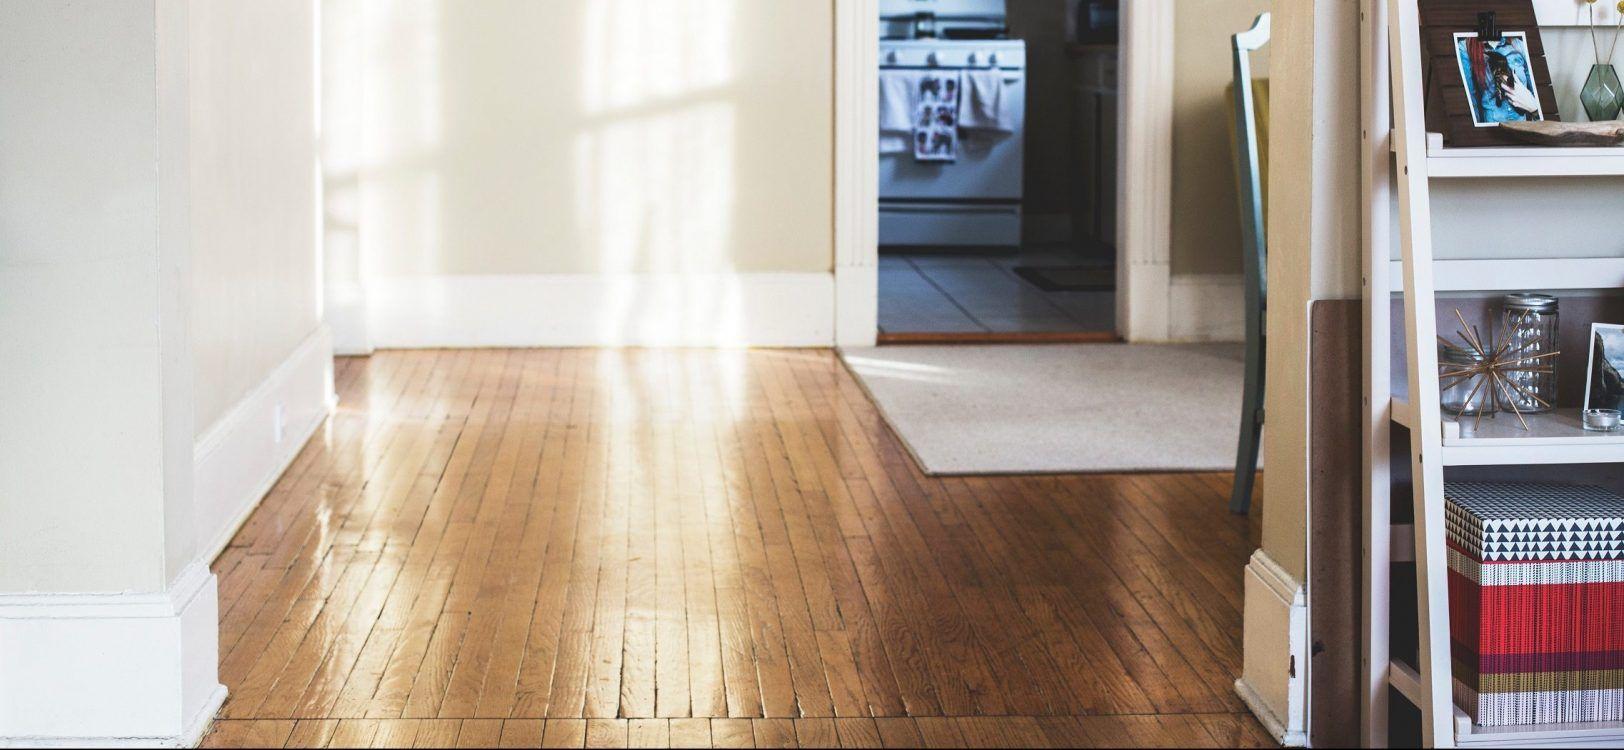 Comment Nettoyer Le Beton Ciré comment bien entretenir et nettoyer les sols de votre